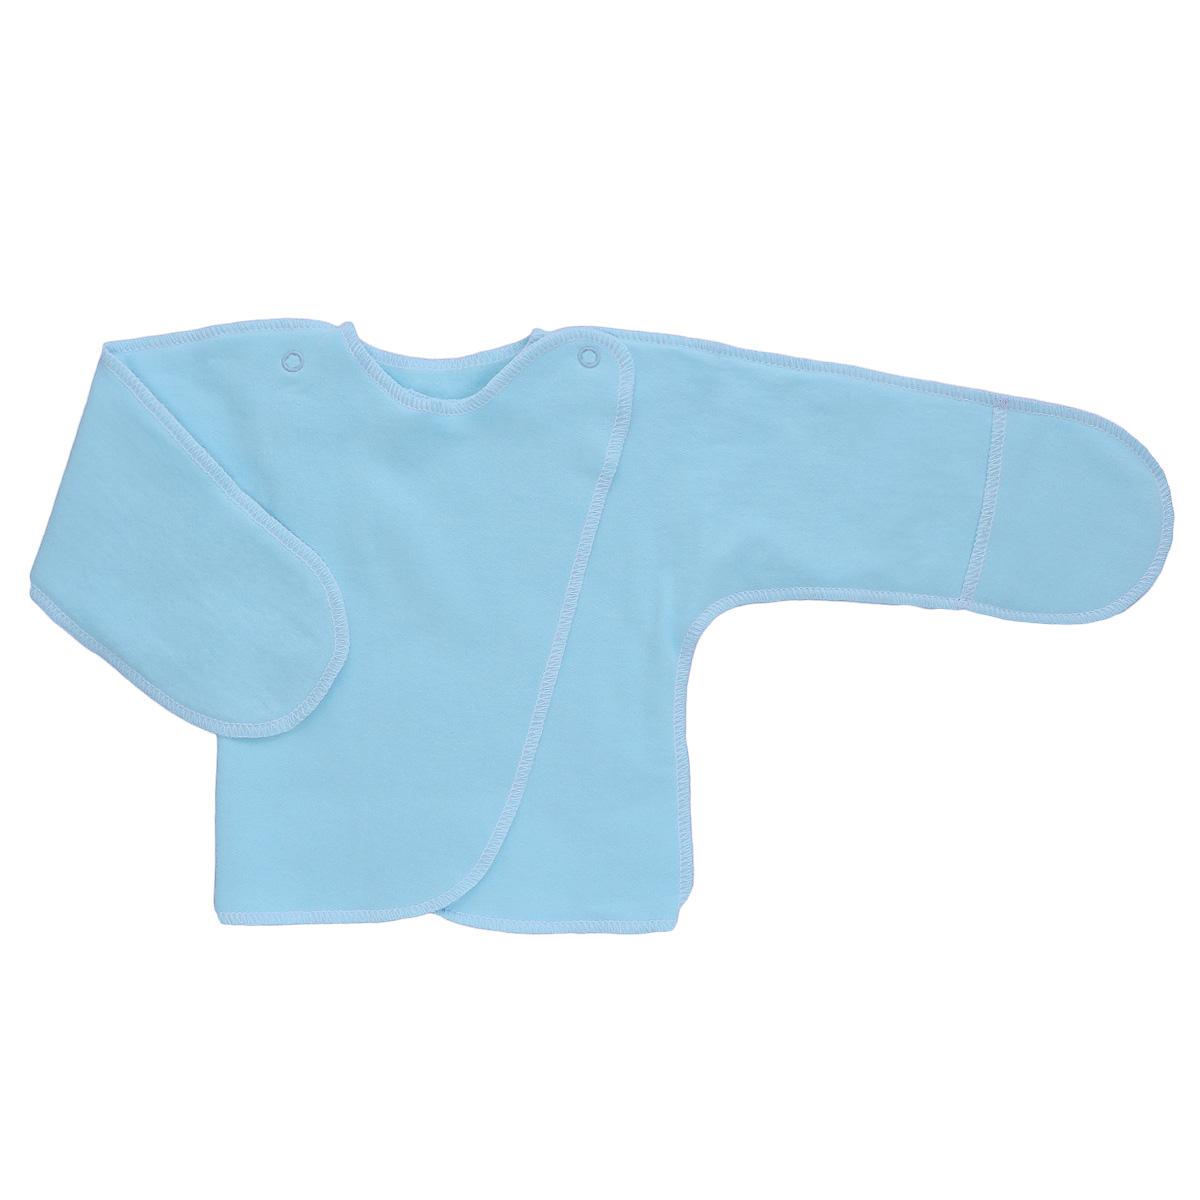 Распашонка Трон-Плюс, цвет: голубой. 5023. Размер 56, 1 месяц5023Распашонка с закрытыми ручками Трон-плюс послужит идеальным дополнением к гардеробу младенца. Распашонка, выполненная швами наружу, изготовлена из футера - натурального плотного хлопка, благодаря чему она необычайно мягкая, легкая и теплая, не раздражает нежную кожу ребенка и хорошо вентилируется, а эластичные швы приятны телу младенца и не препятствуют его движениям. Распашонка с запахом, застегивается при помощи двух кнопок на плечах, которые позволяют без труда переодеть ребенка. Благодаря рукавичкам ребенок не поцарапает себя.